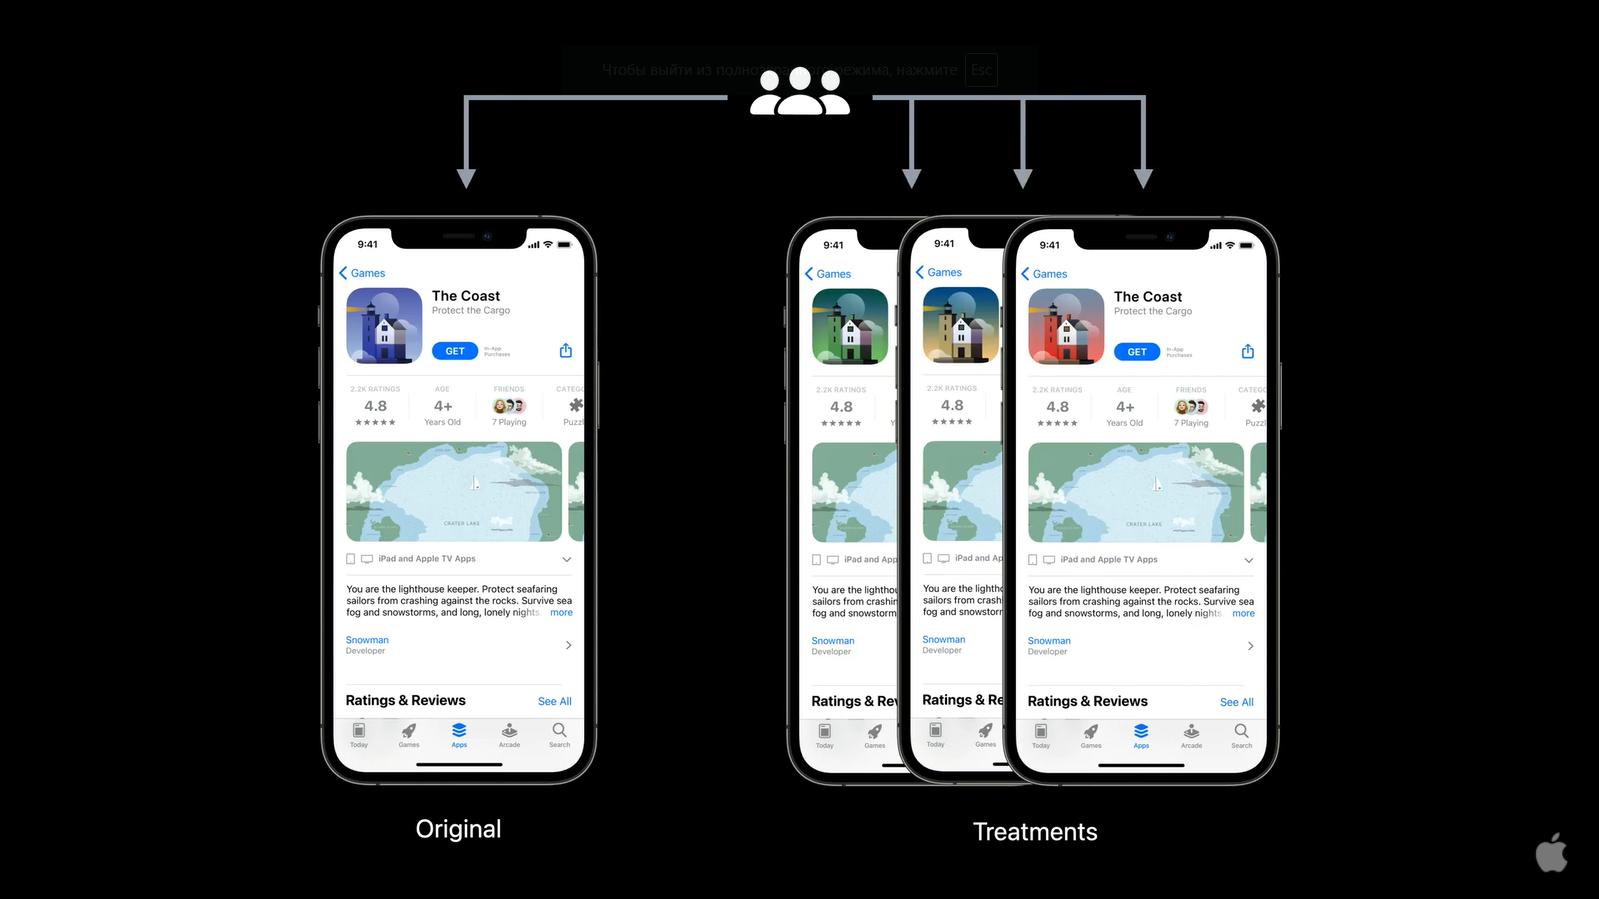 Функция product page optimization в App Store позволяет тестировать до трёх вариантов страниц приложений против исходной